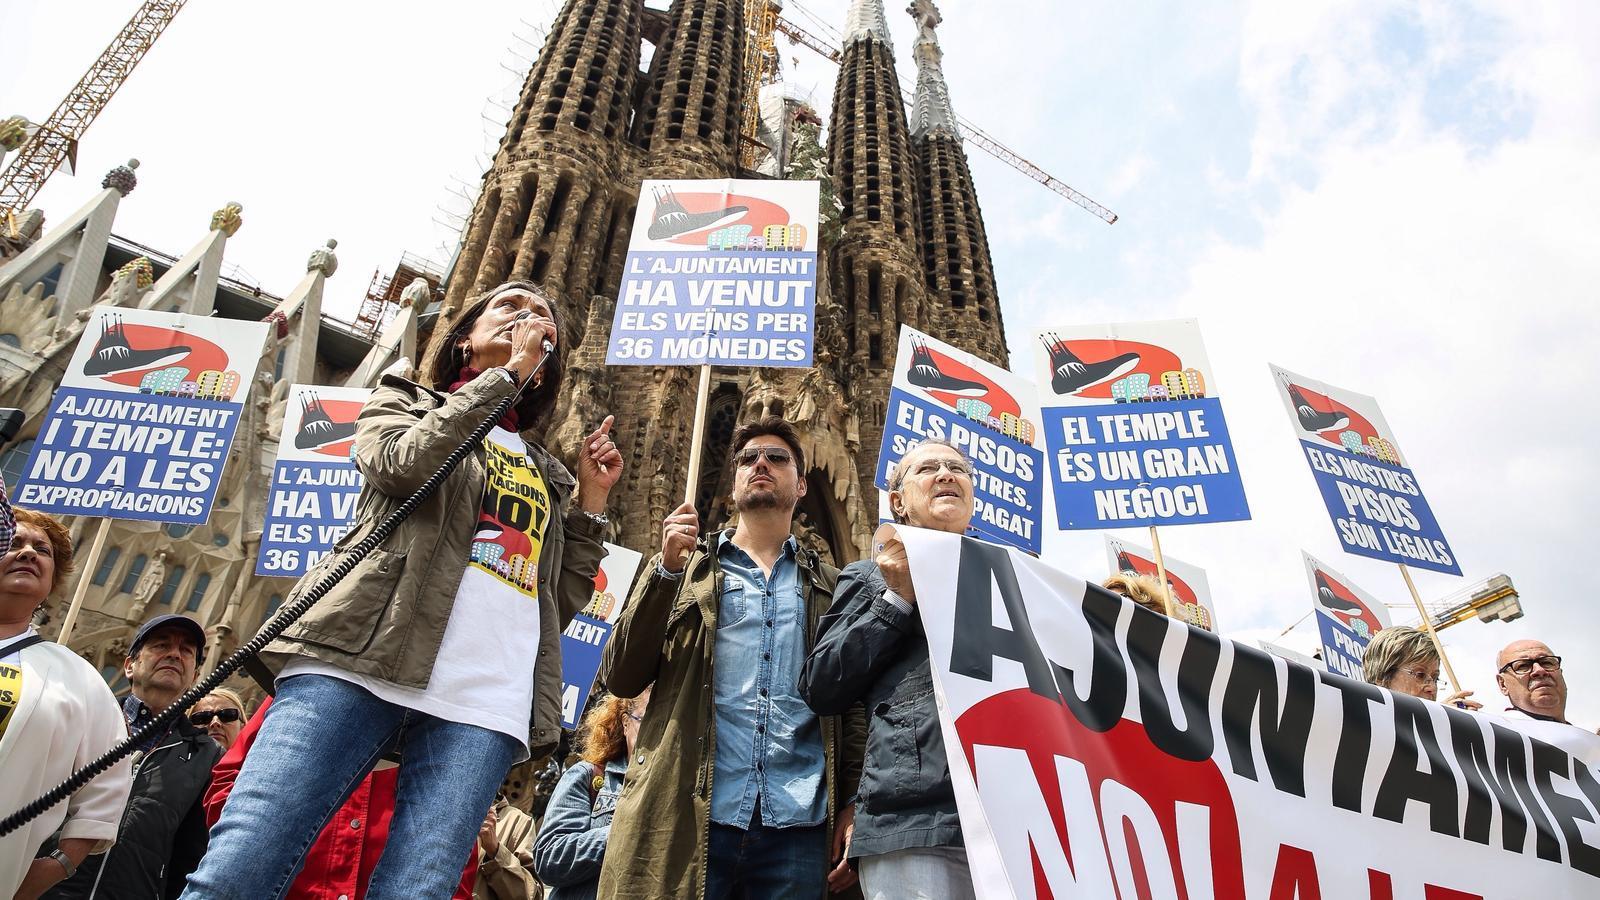 Quarta manifestació dels veïns de la Sagrada Família contra l'ampliació de la basílica